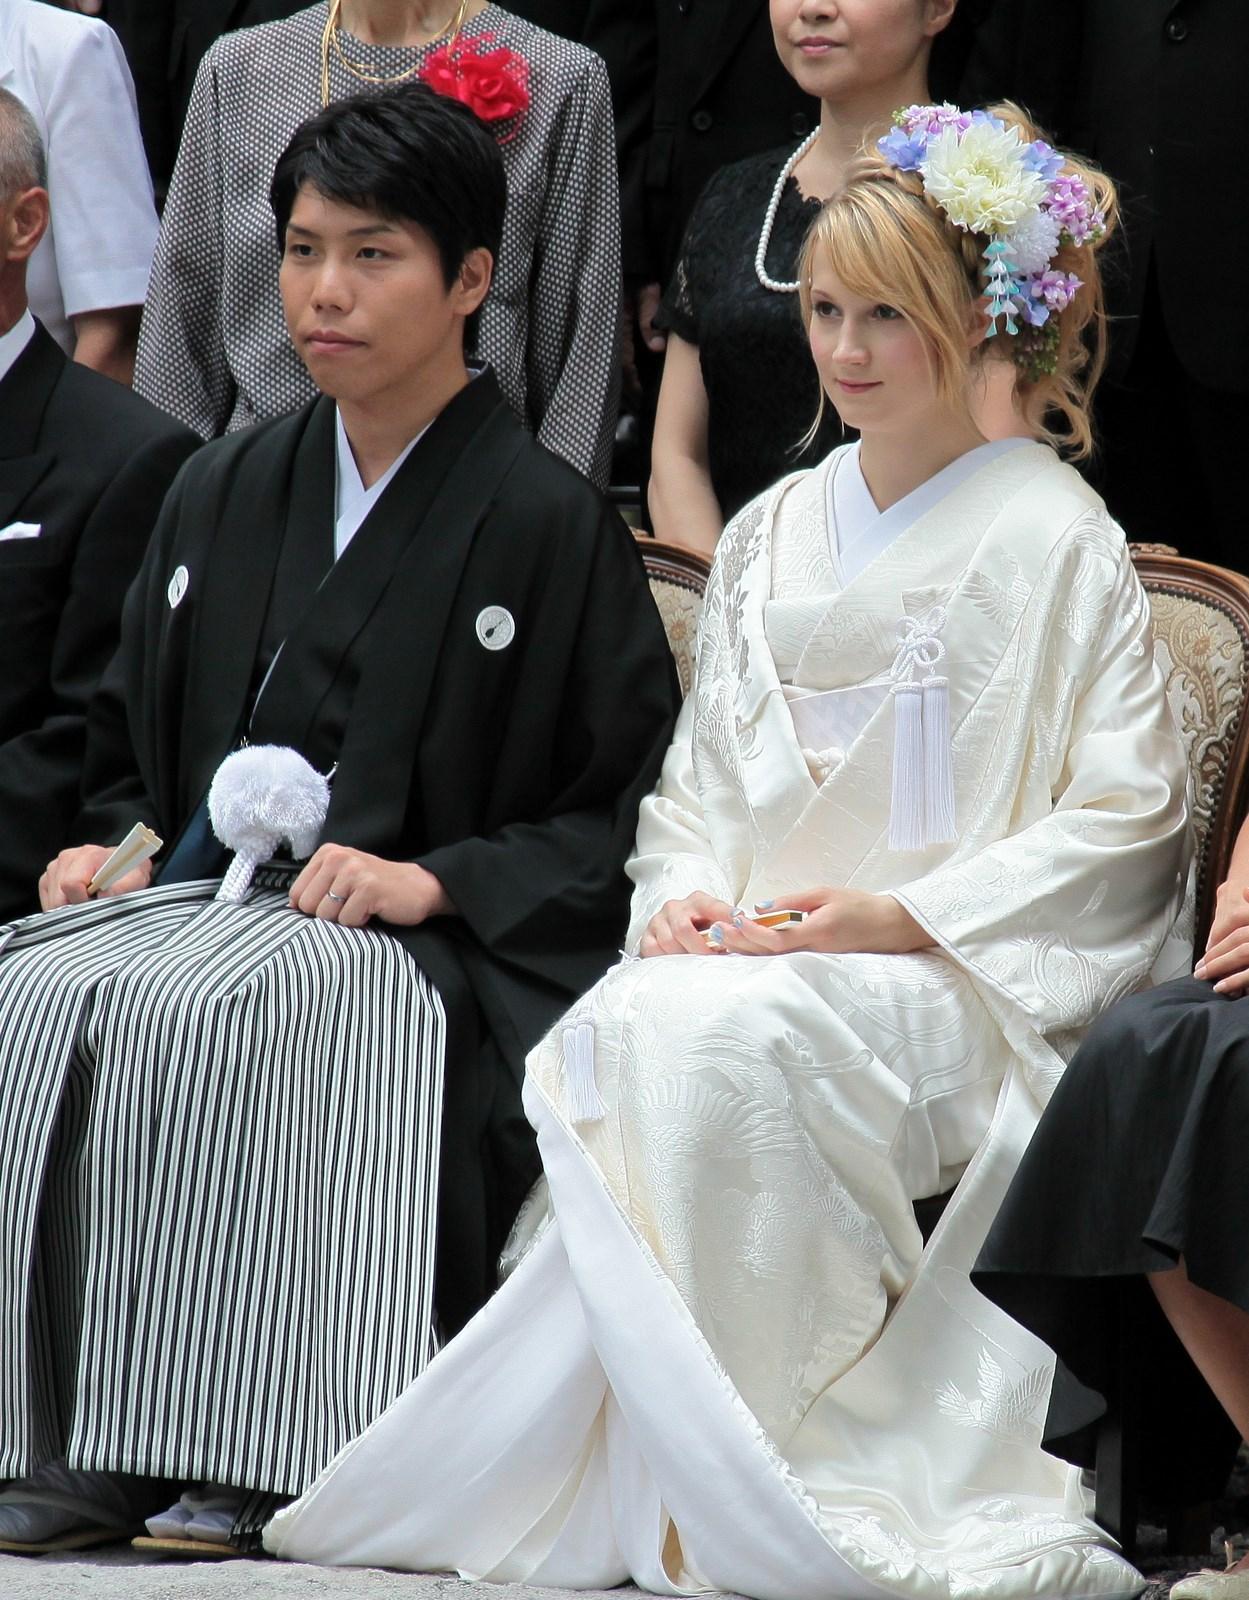 Couple mixte 神前式 mariage traditionnel Japaonais parc Yoyogi Tokyo 東京 Japon